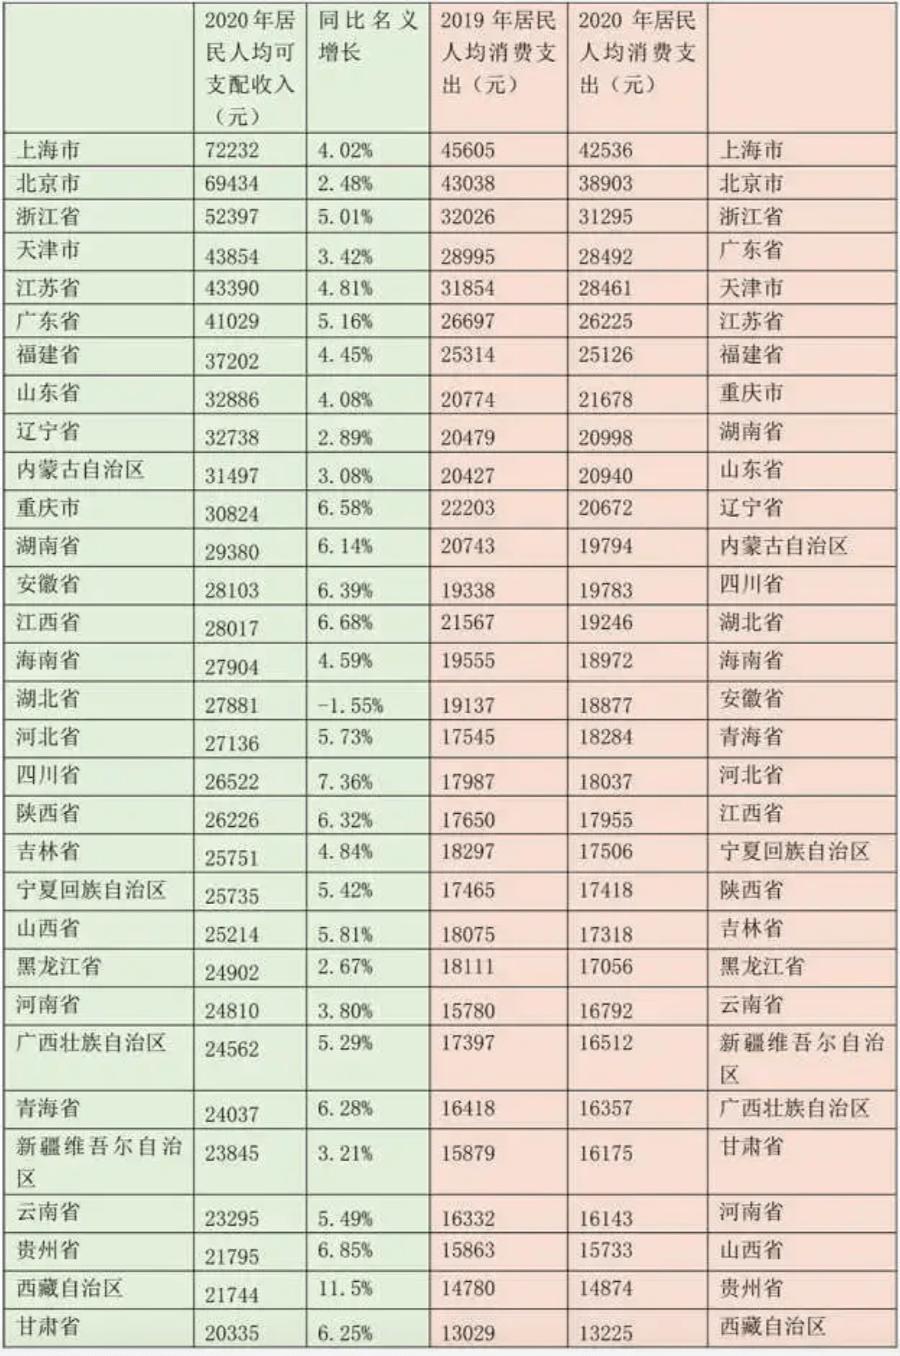 宁波人均收入_宁波火车站